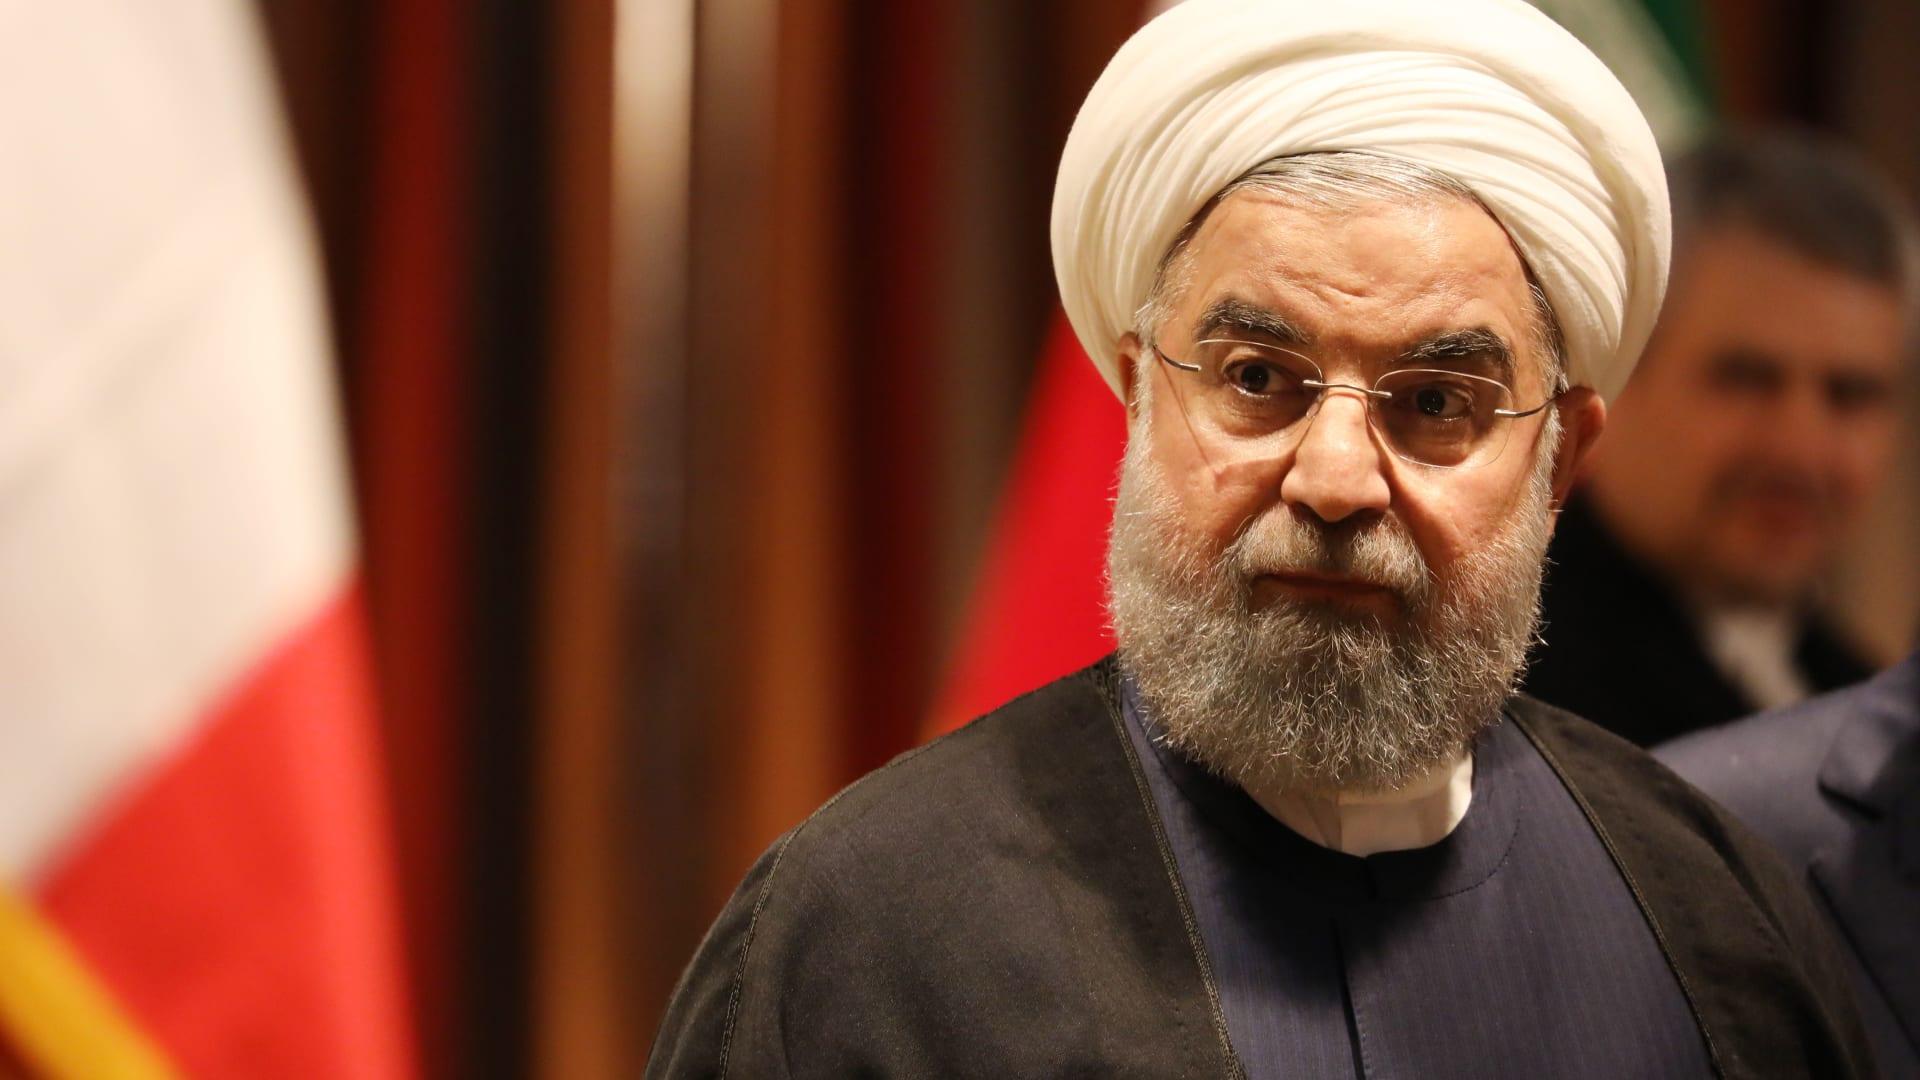 الجبير لـCNN: سنحصل على قدرات نووية إذا فعلت إيران ذلك